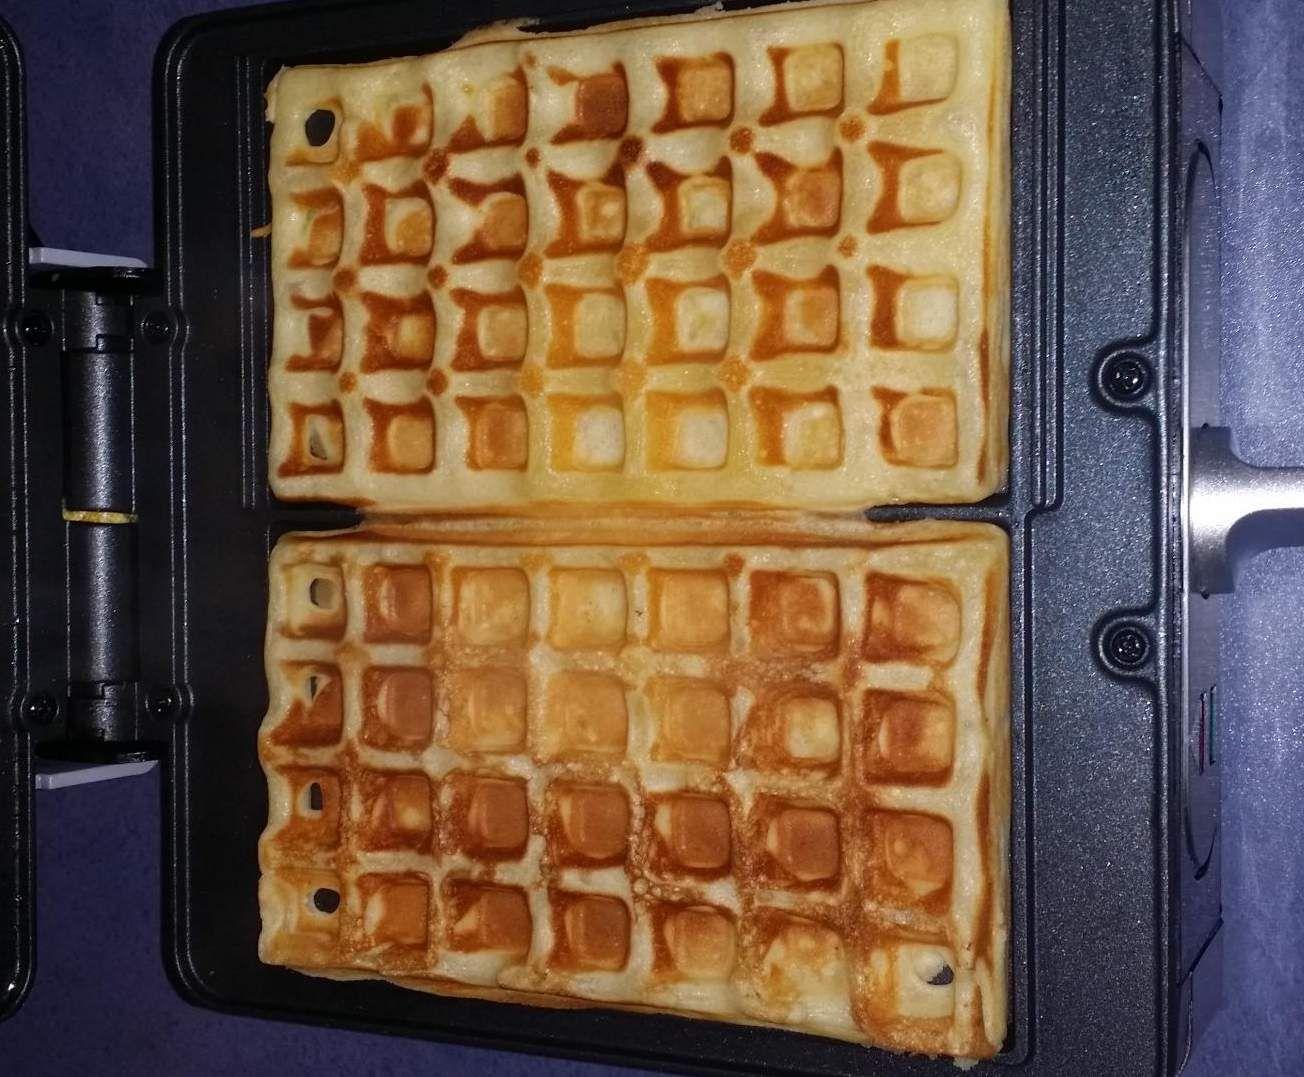 Omas Waffeln Rezepte Original belgische waffeln lecker einfach schnell rezept